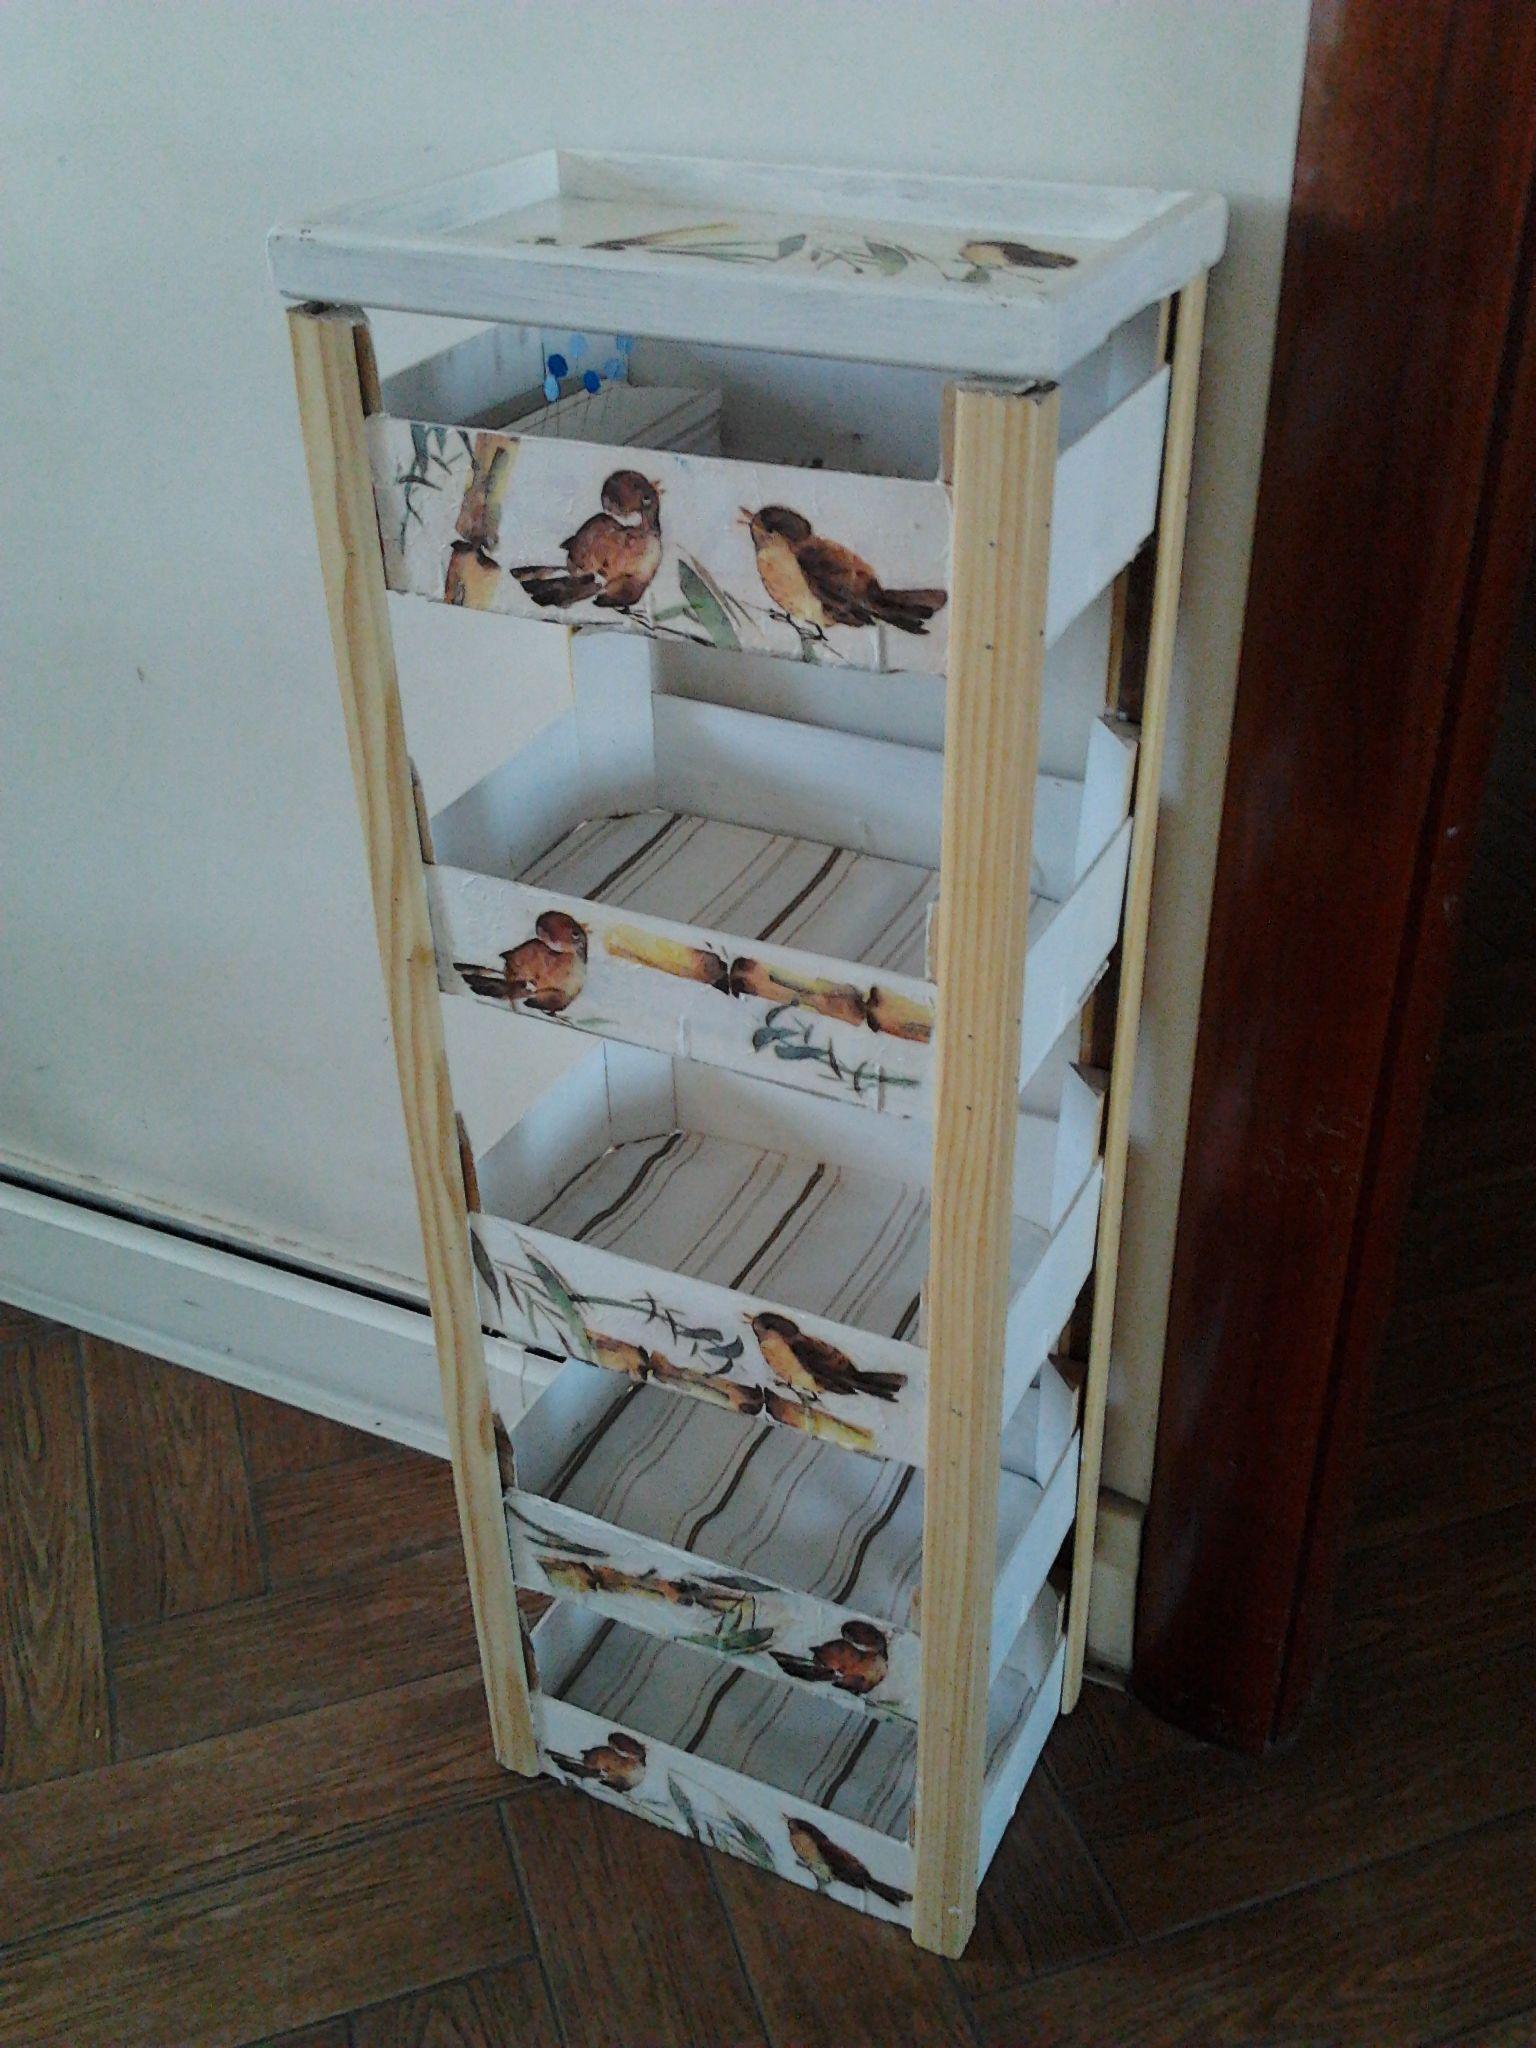 reutiliza con creatividad las posibilidades de una caja de fresas reciclaje pinterest. Black Bedroom Furniture Sets. Home Design Ideas